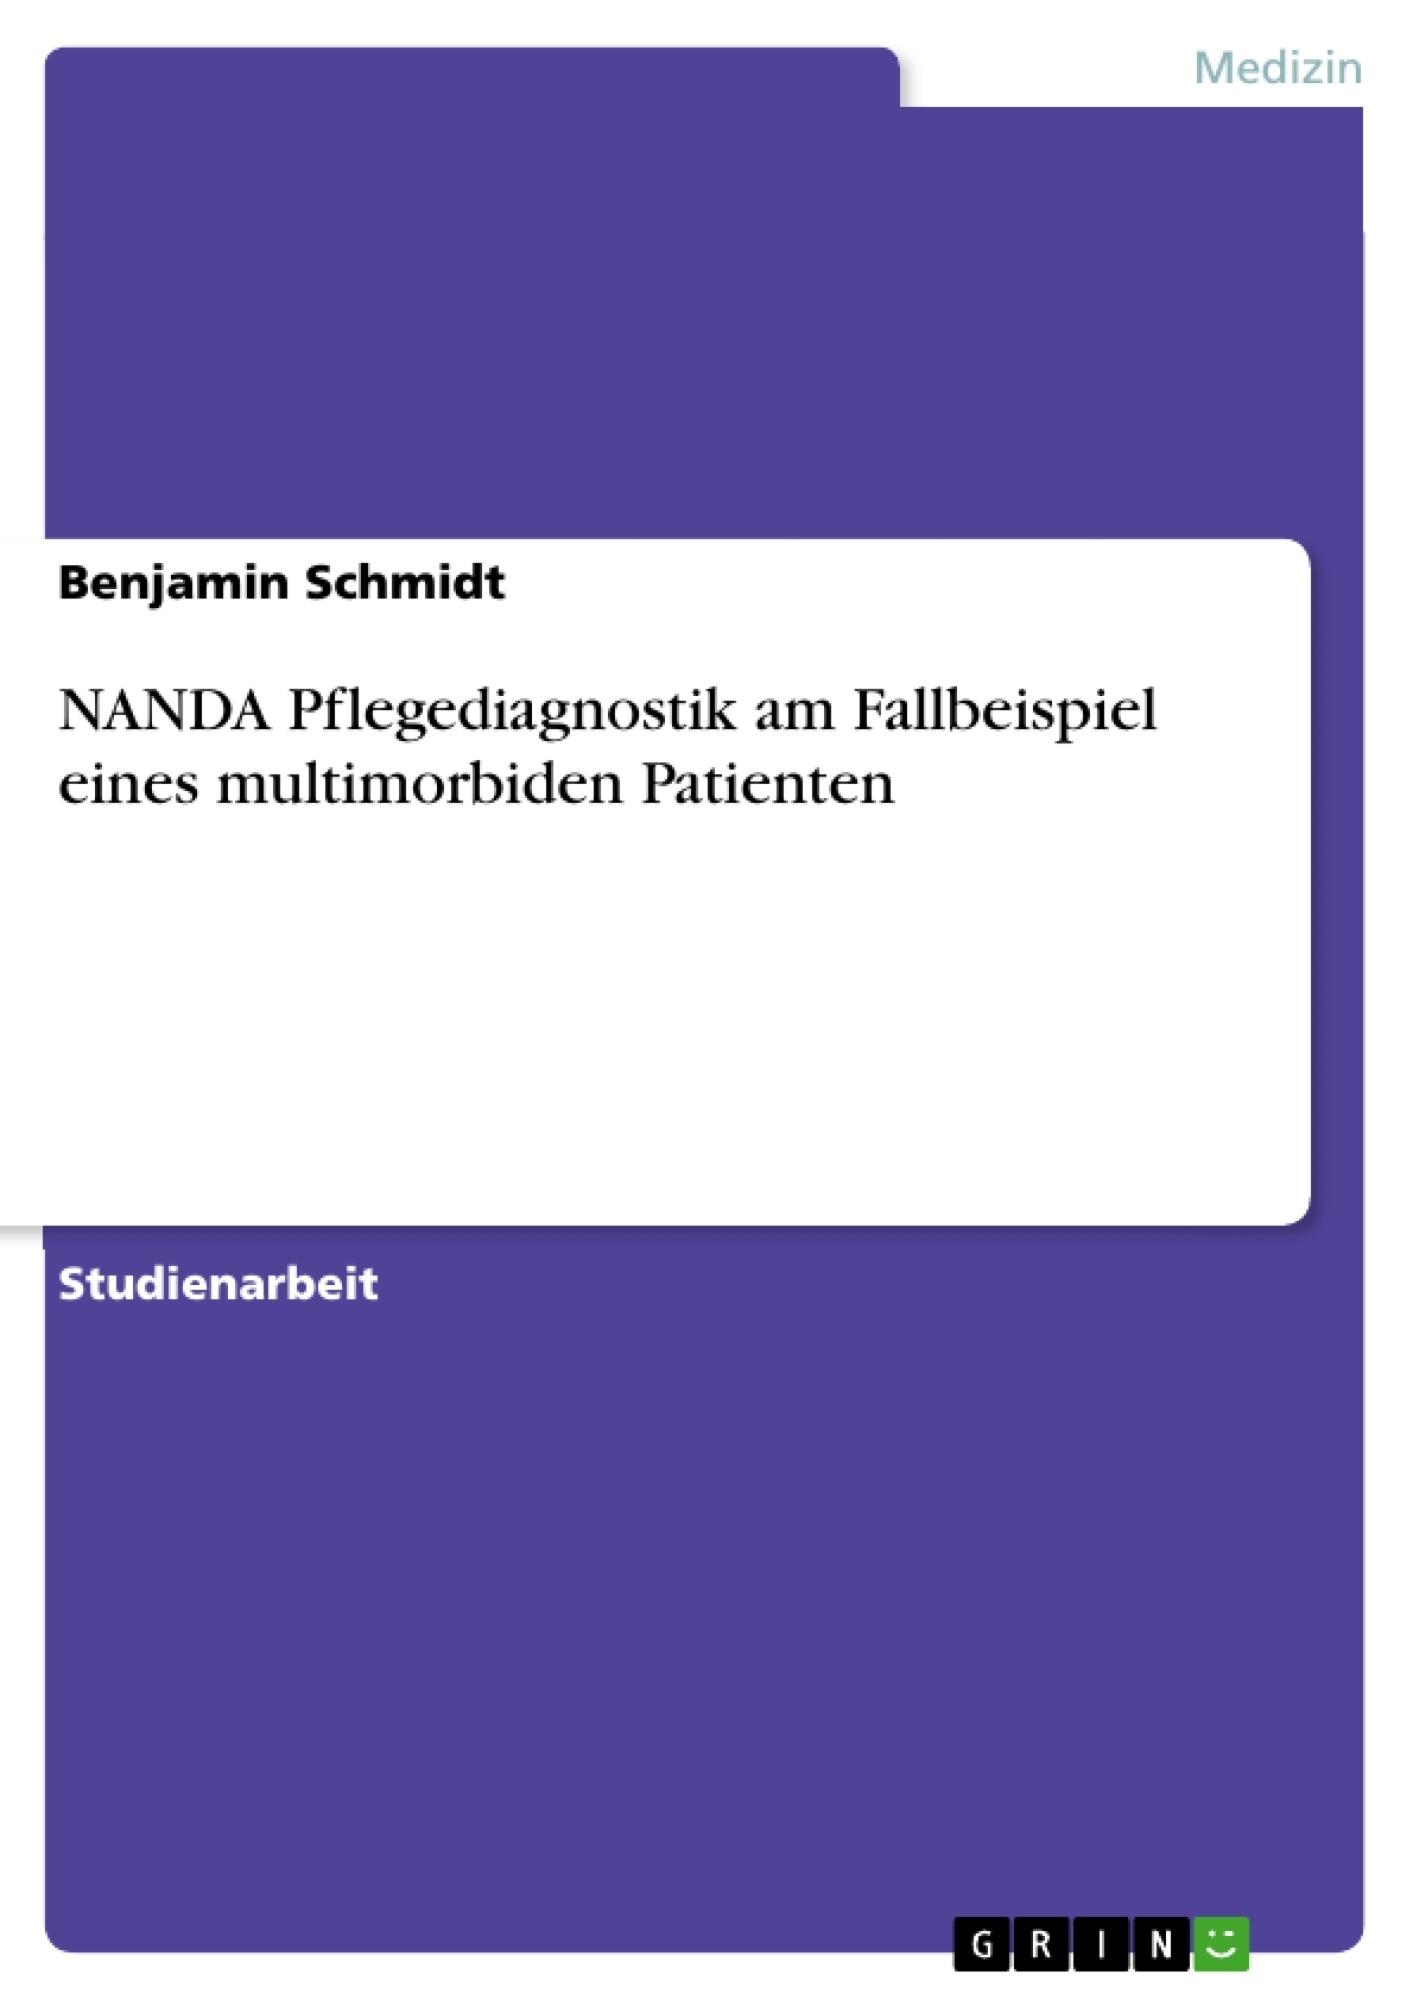 Titel: NANDA Pflegediagnostik am Fallbeispiel eines multimorbiden Patienten